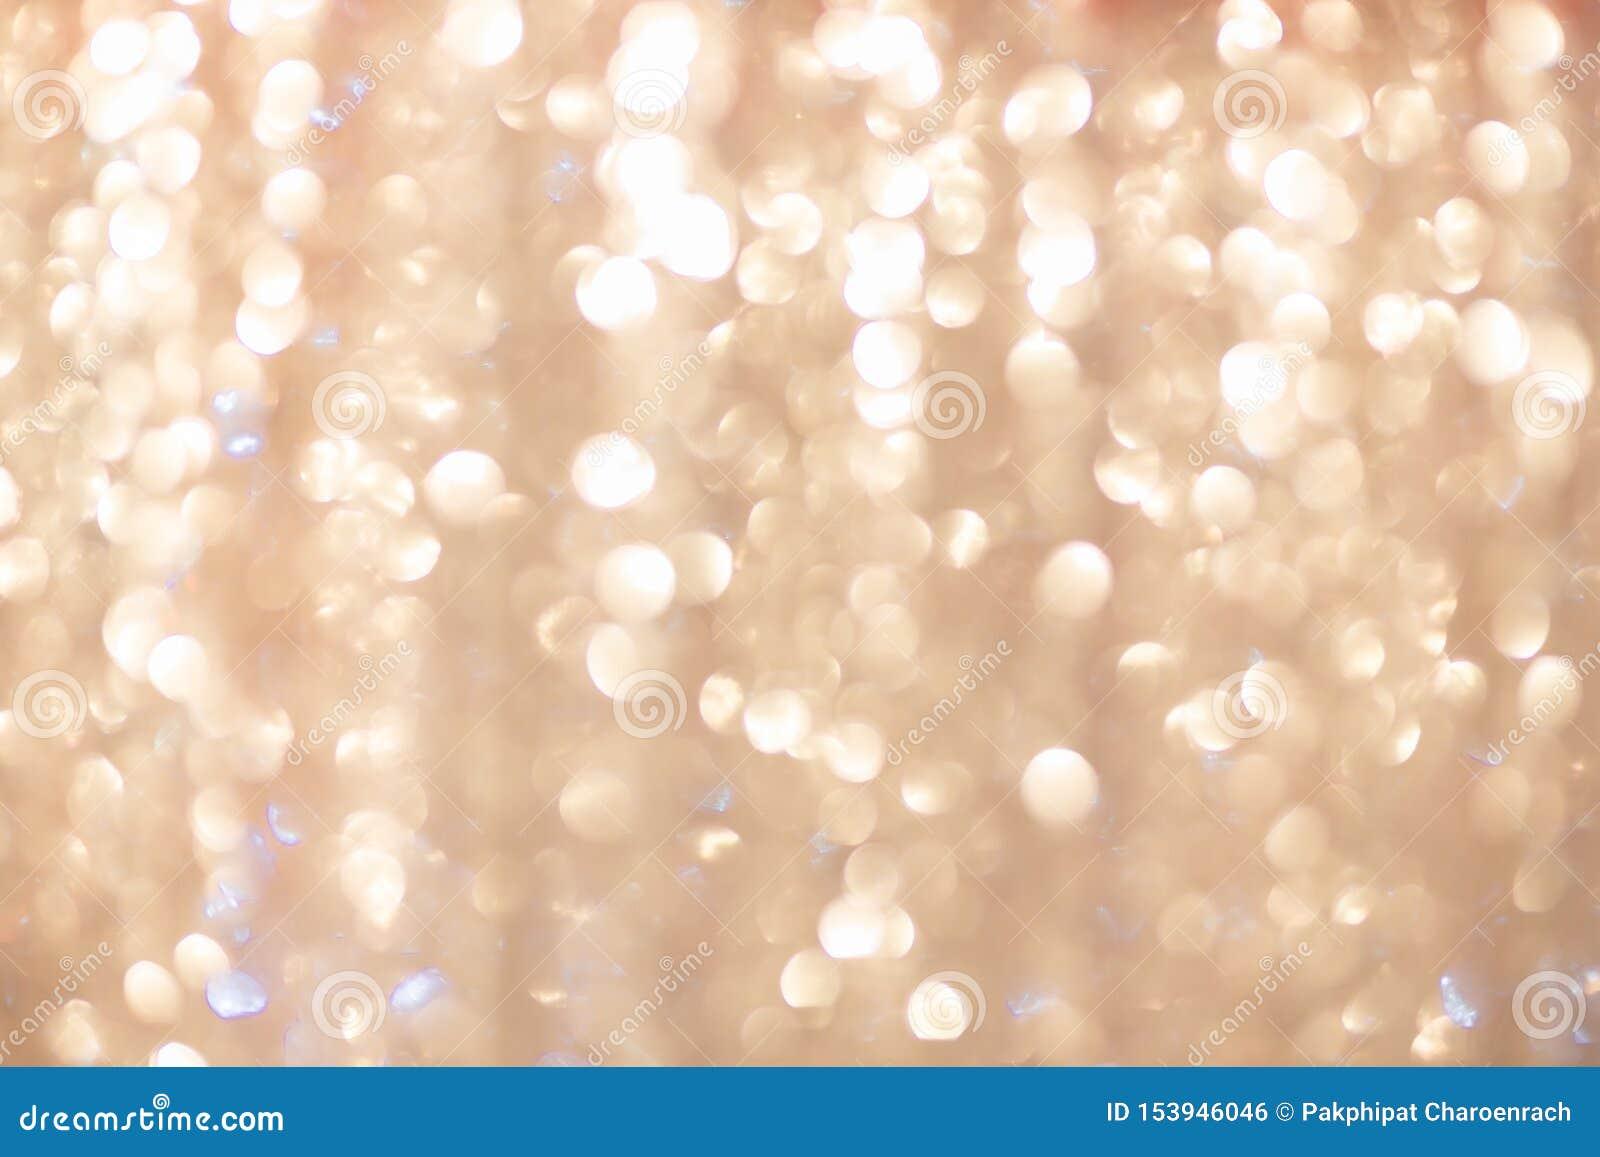 Fondo de oro que brilla intensamente de la Navidad Luces de la Navidad El extracto del Año Nuevo del día de fiesta del oro brilla